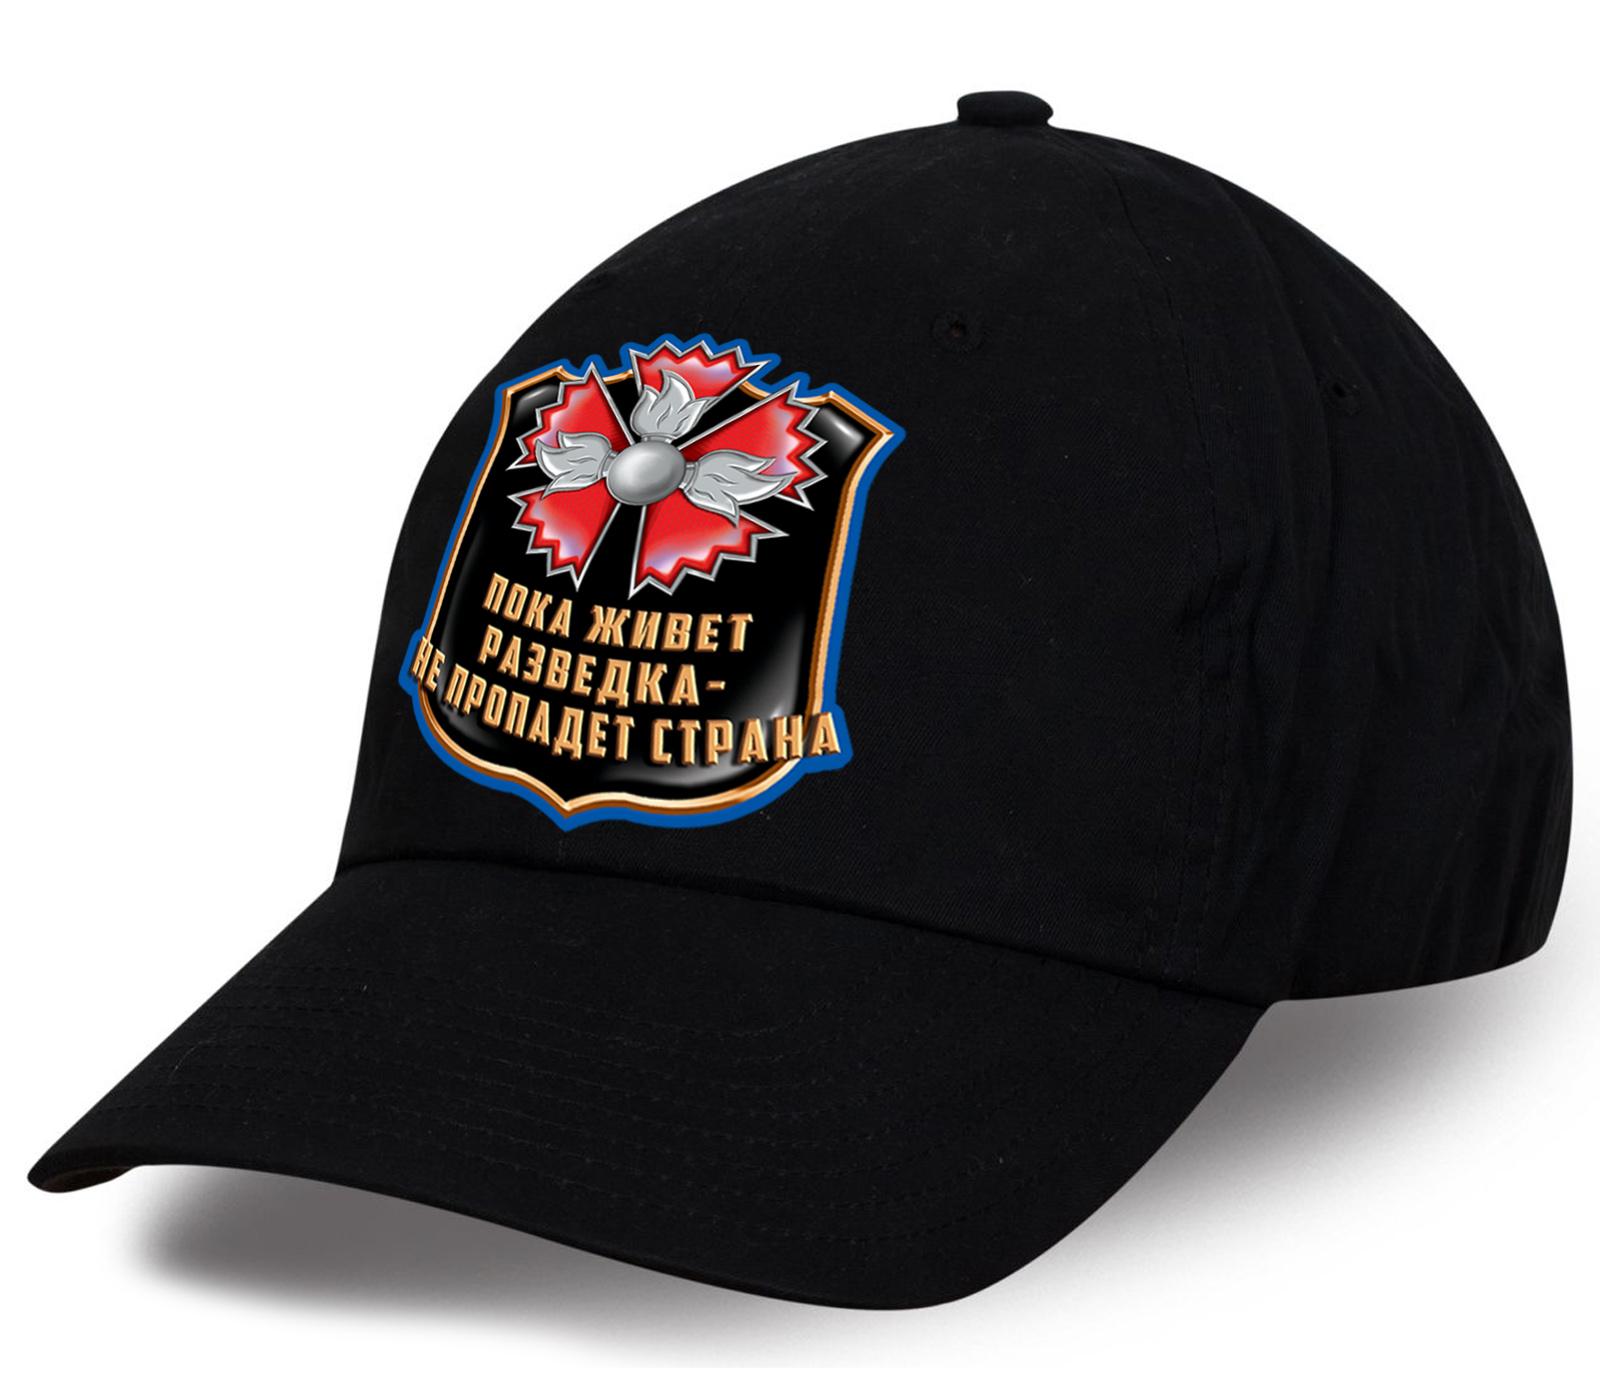 Дизайнеры Военпро подготовили для разведчиков подарок – хлопковую кепку с авторским принтом «Красная гвоздика» с девизом «Пока живет разведка не пропадет страна». Поторопитесь!